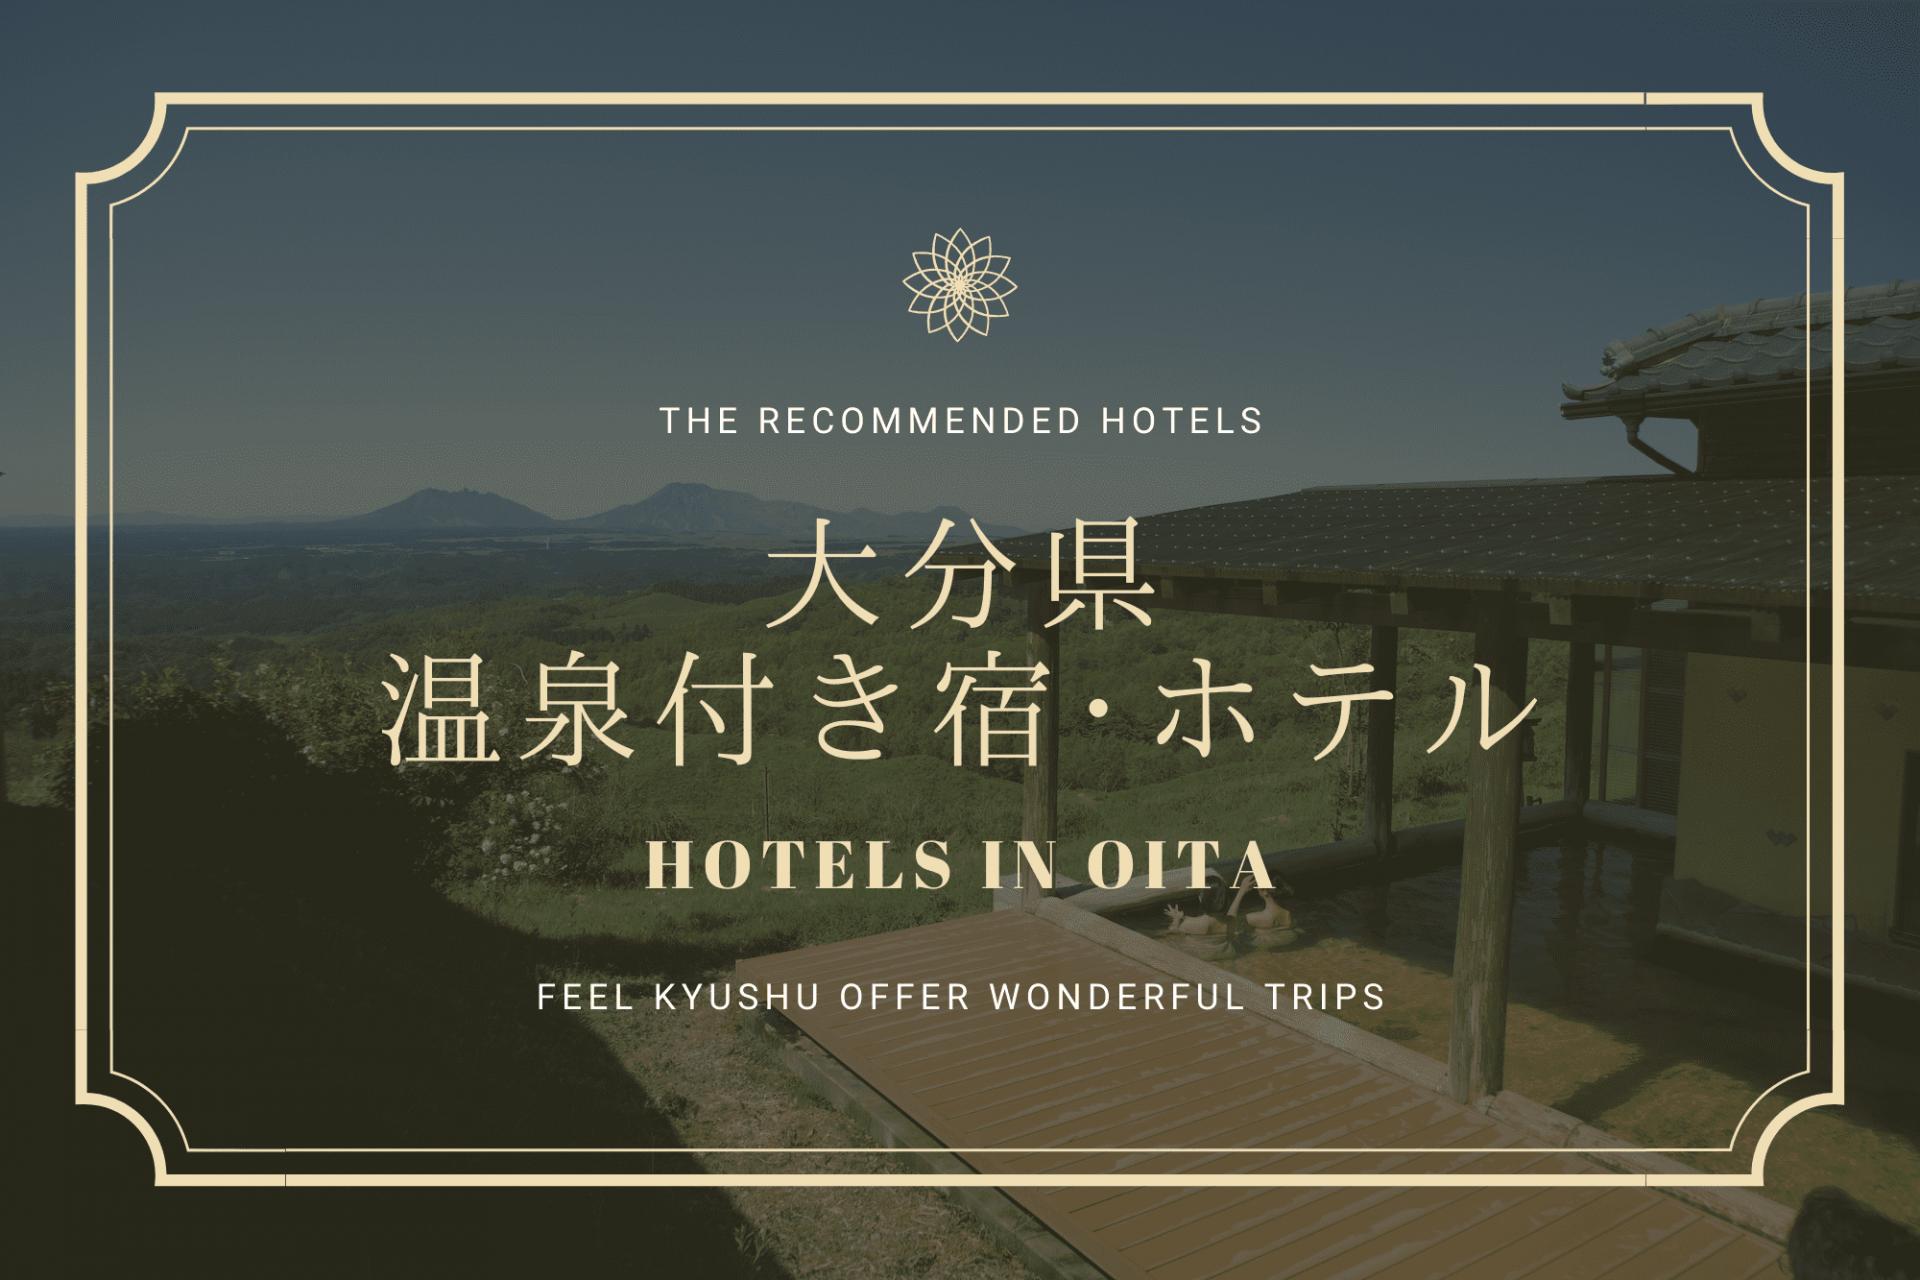 大分 ホテル 温泉 おすすめ 九州 旅行 観光